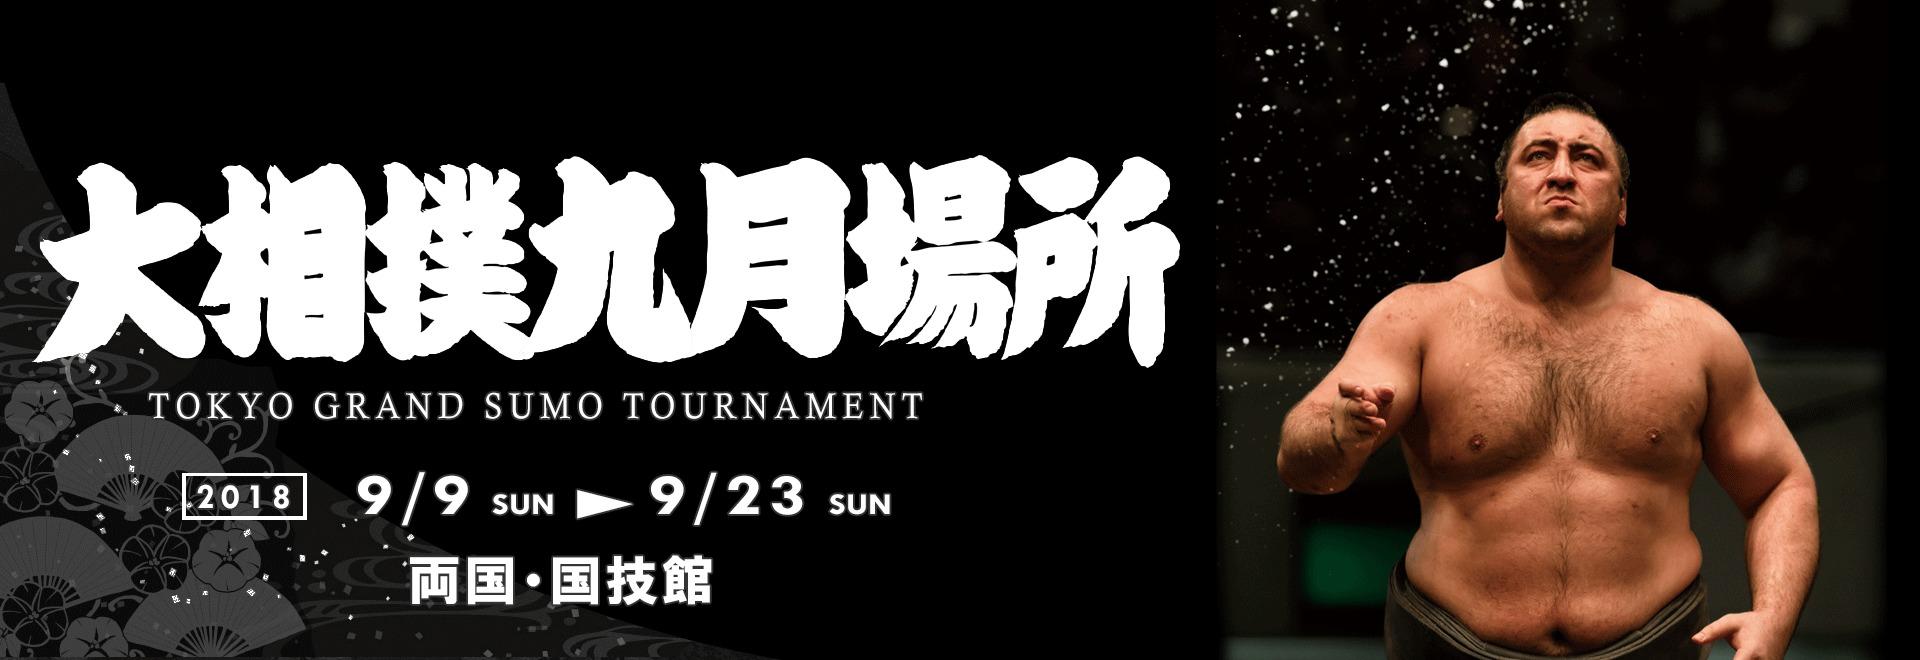 9月9日(日)から両国国技館(東京都)で大相撲九月場所が開催される